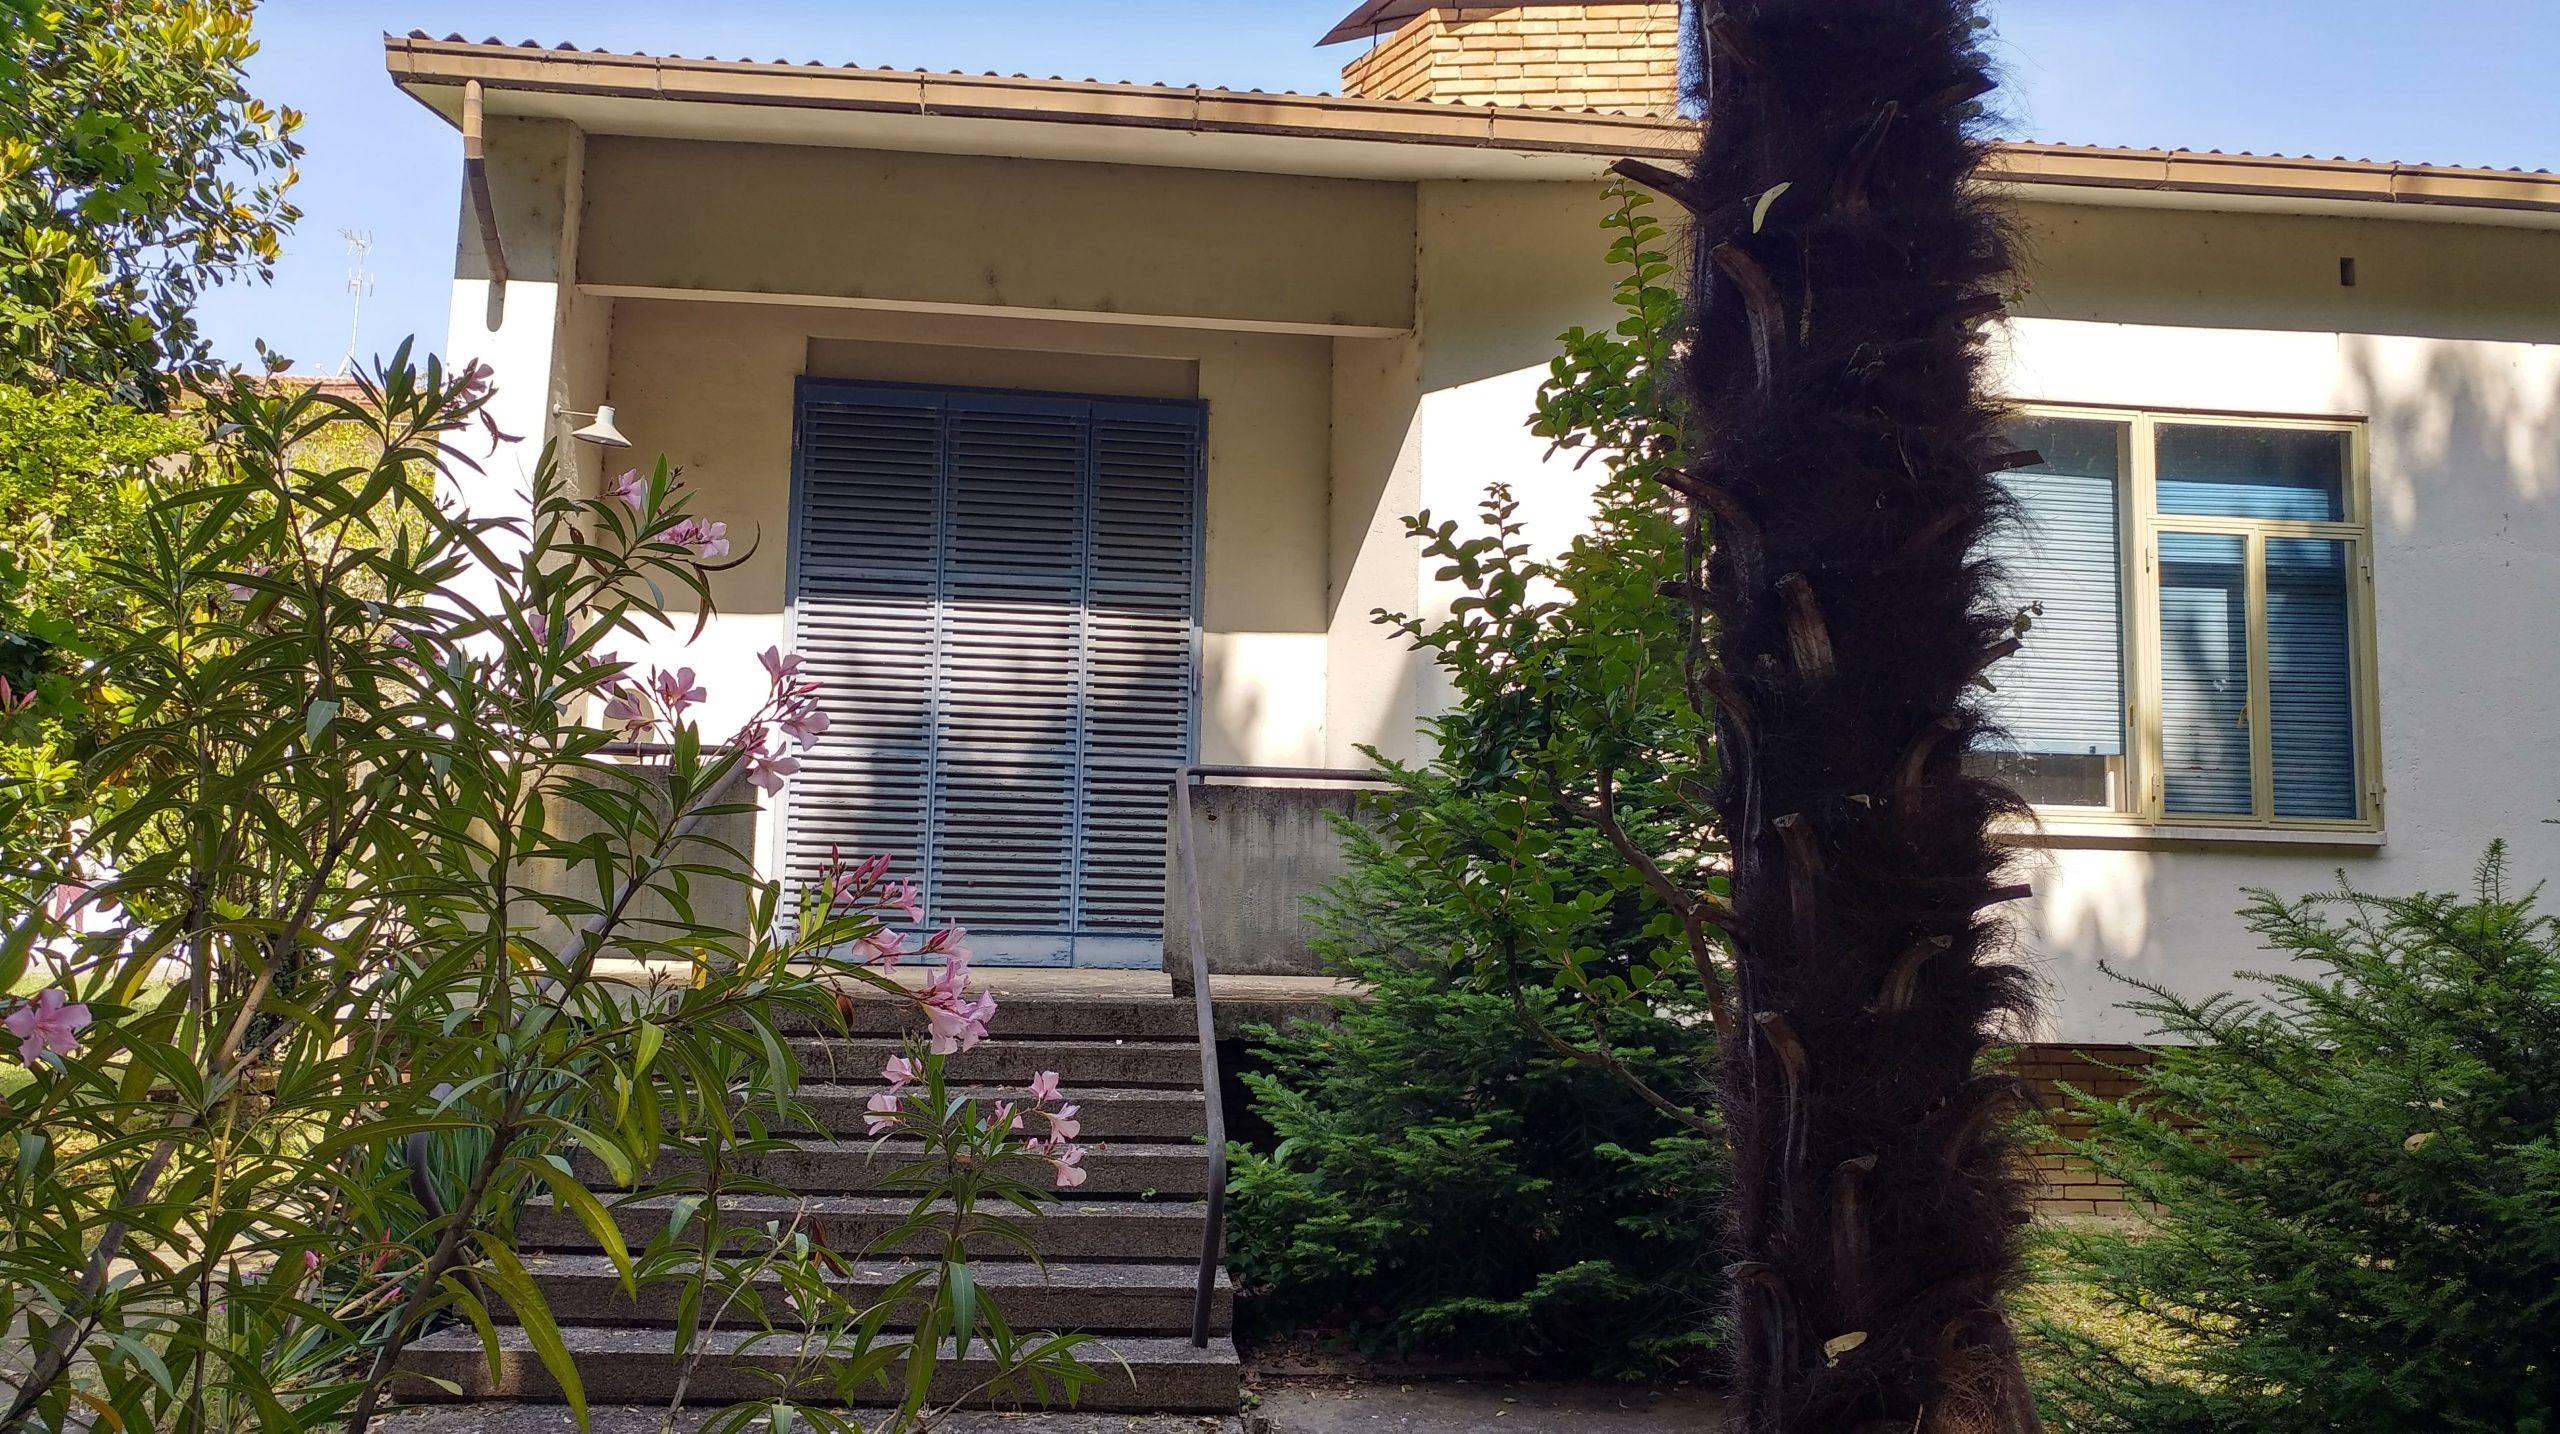 Vendesi casa indipendente su lotto di terreno mq. 1000 CastelBolognese